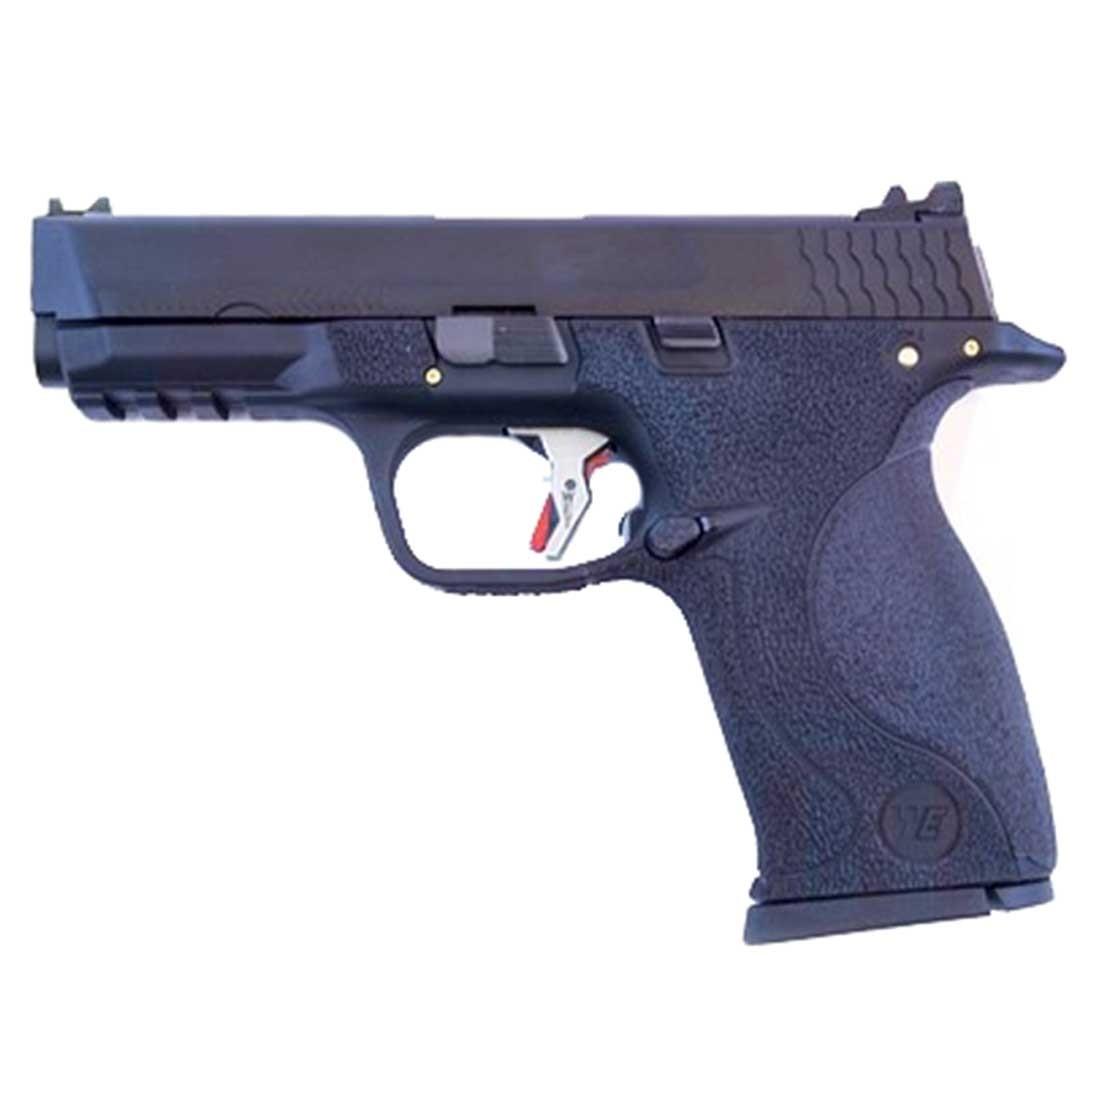 We M Amp P Big Bird Force Gbb Pistol Black Slide Gold Barrel